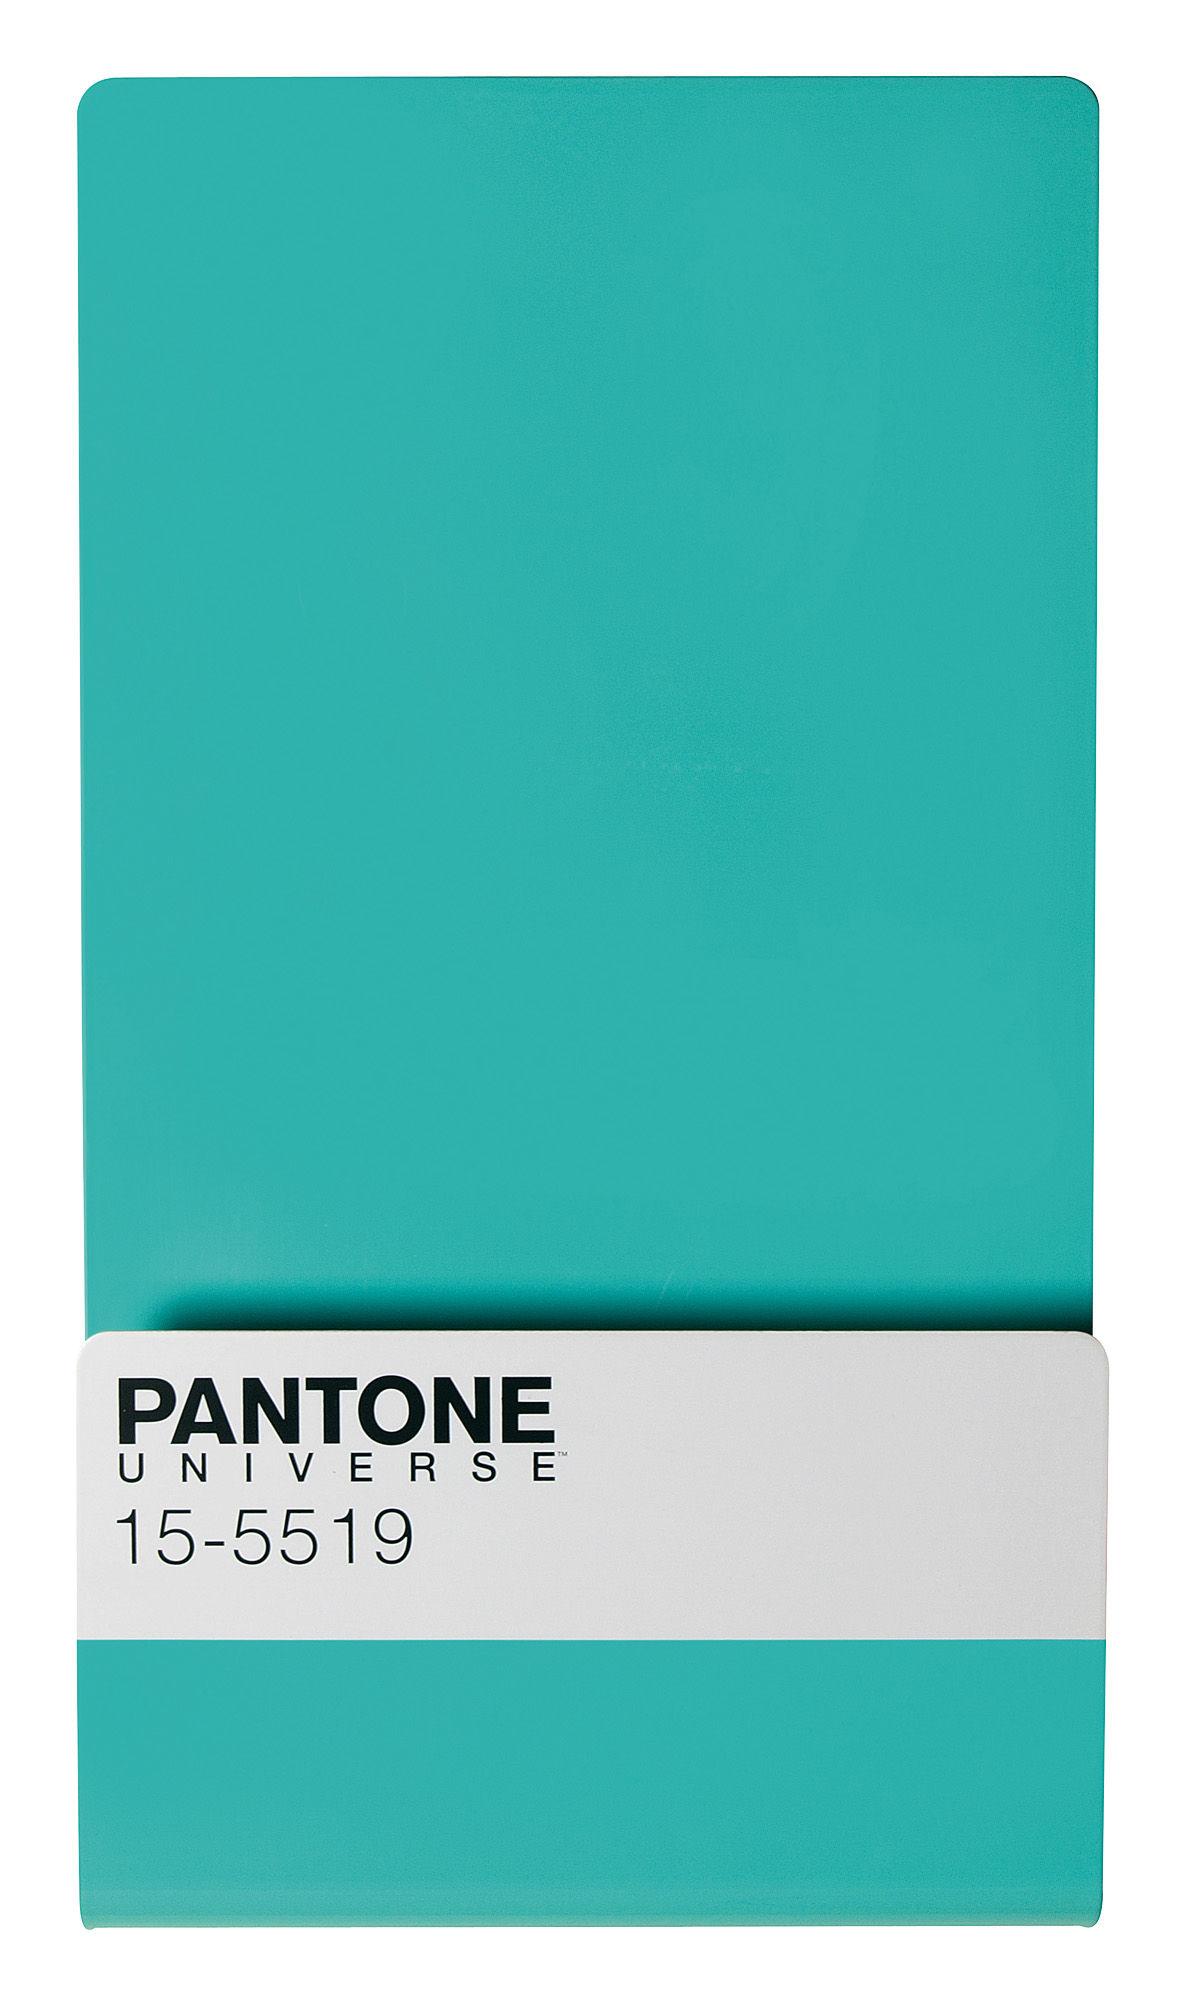 Pantone Magazine holder  Wall mounted magazine holder 15